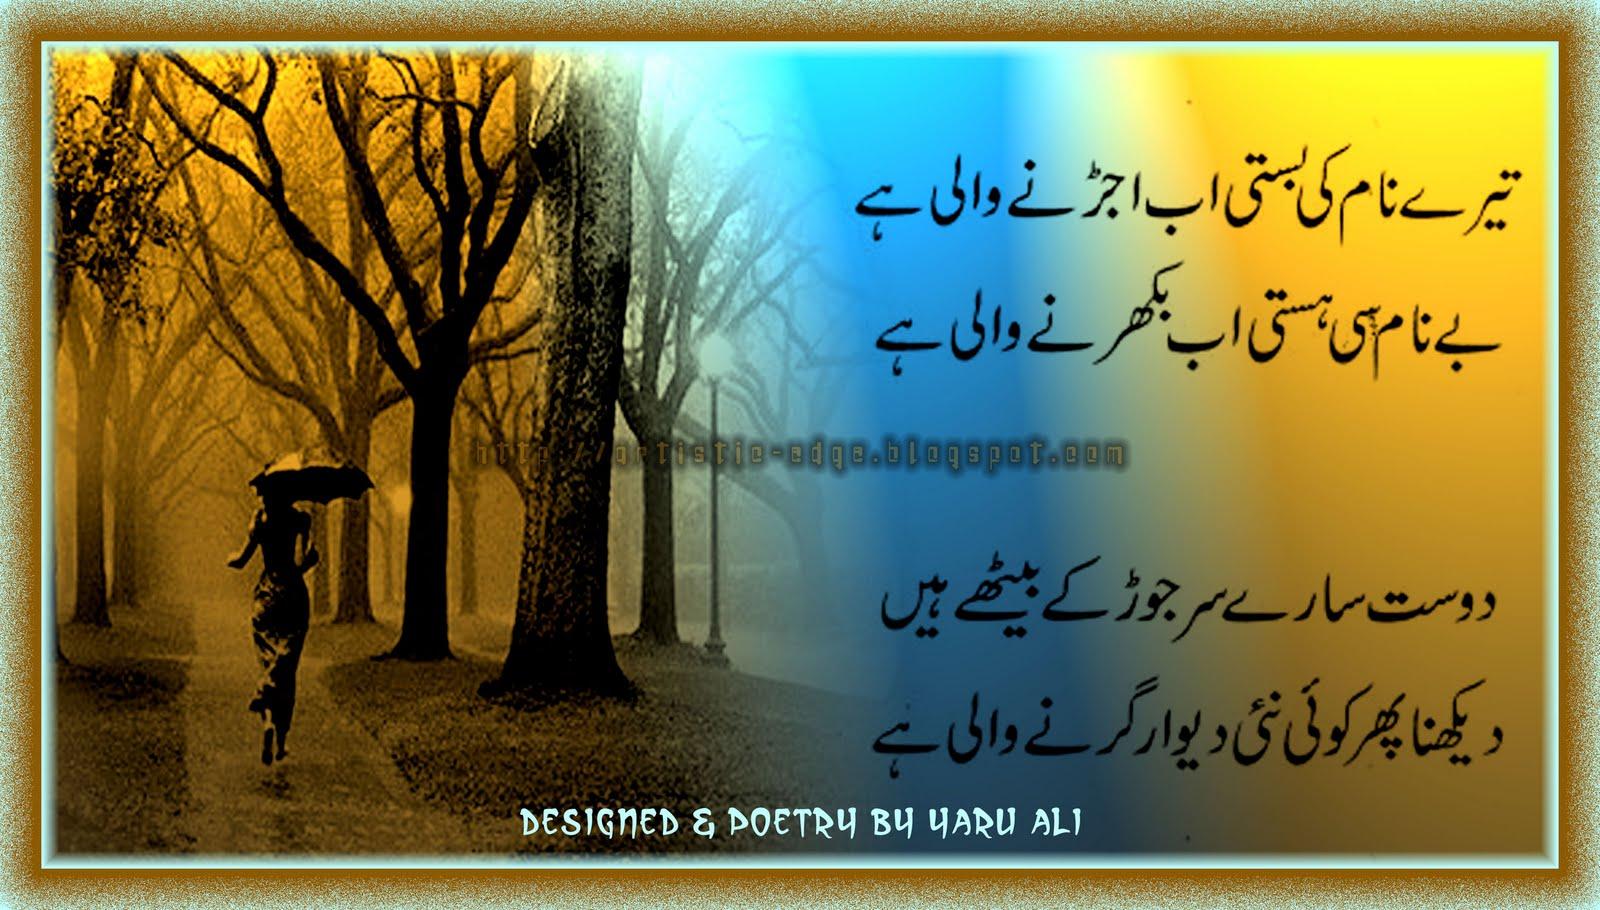 http://1.bp.blogspot.com/-Jm-KZSxOqvU/TcE3cufnJ1I/AAAAAAAAAN4/-9WSS_Php6E/s1600/Poetry+in+Urdu.jpg